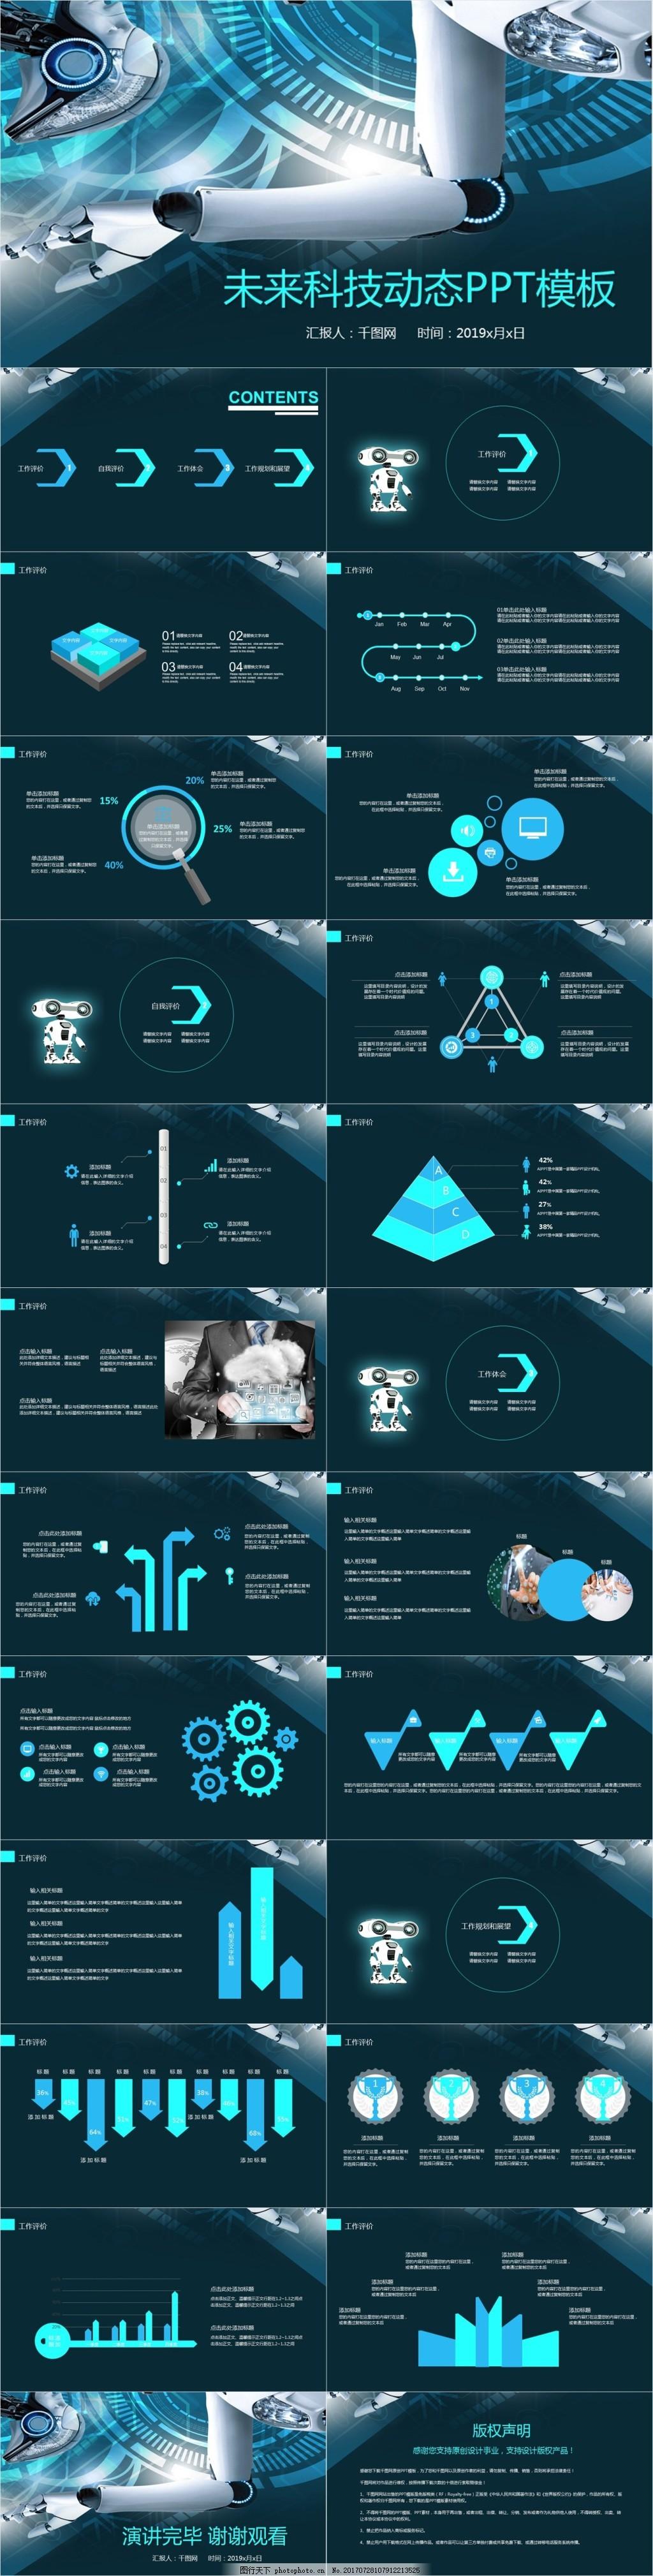 未来科技信息大数据互联网PPT模板 云计算 网络 人工 智能 物联网